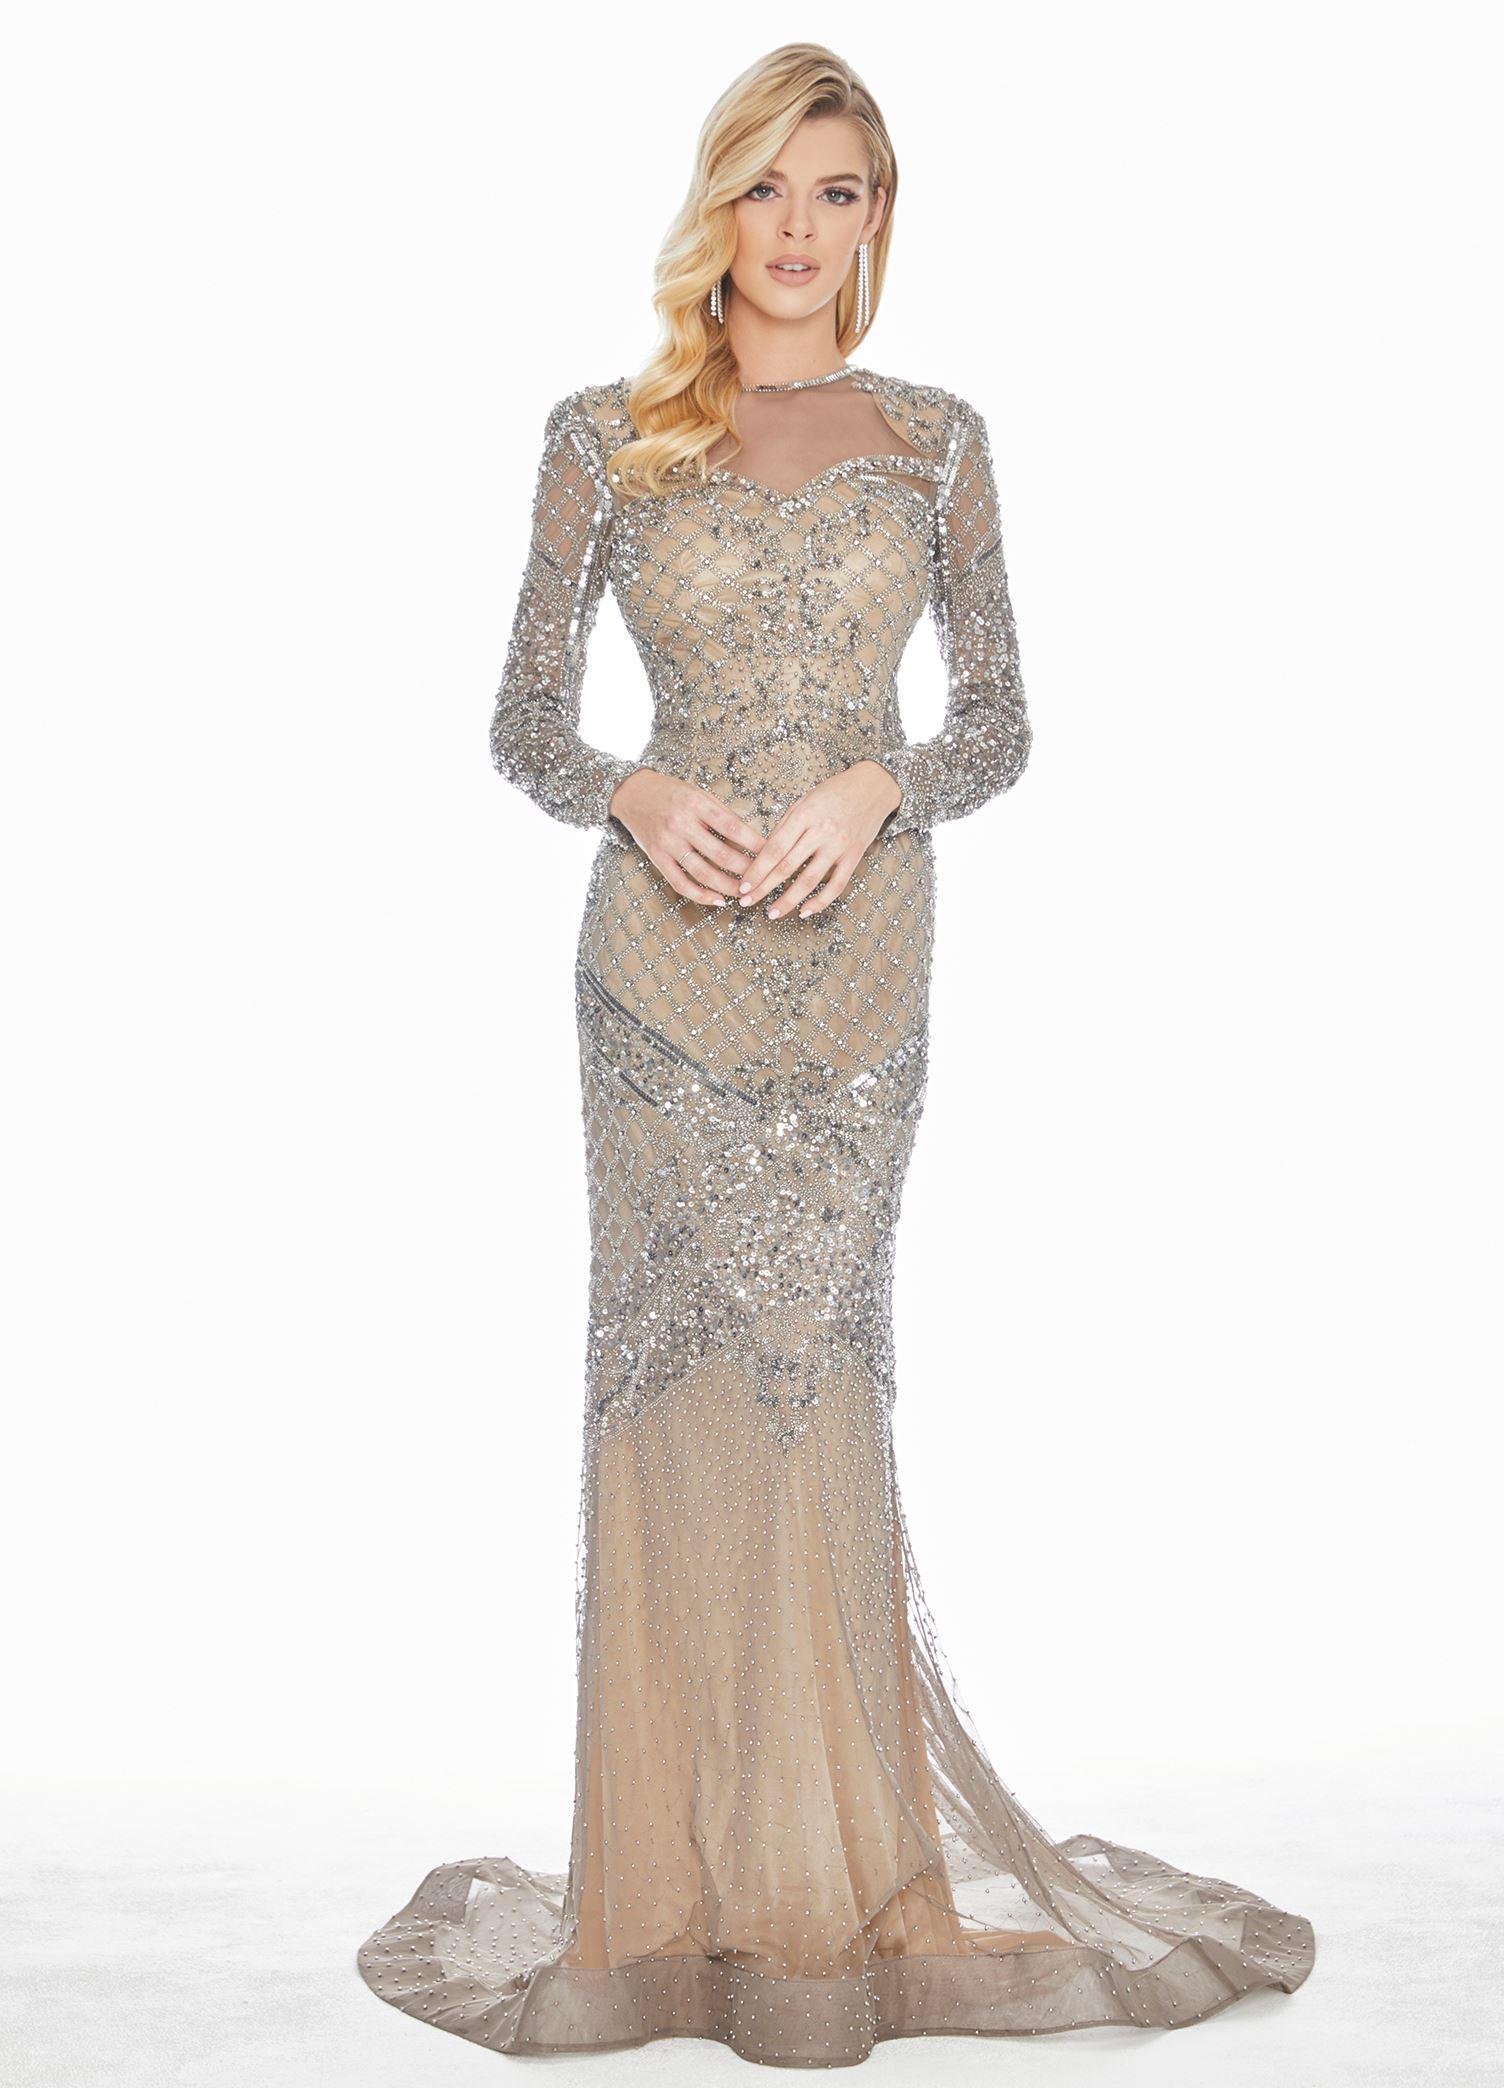 048ba7f13d9 Silver Evening Dress  Shop Silver Evening Dress - Macy s